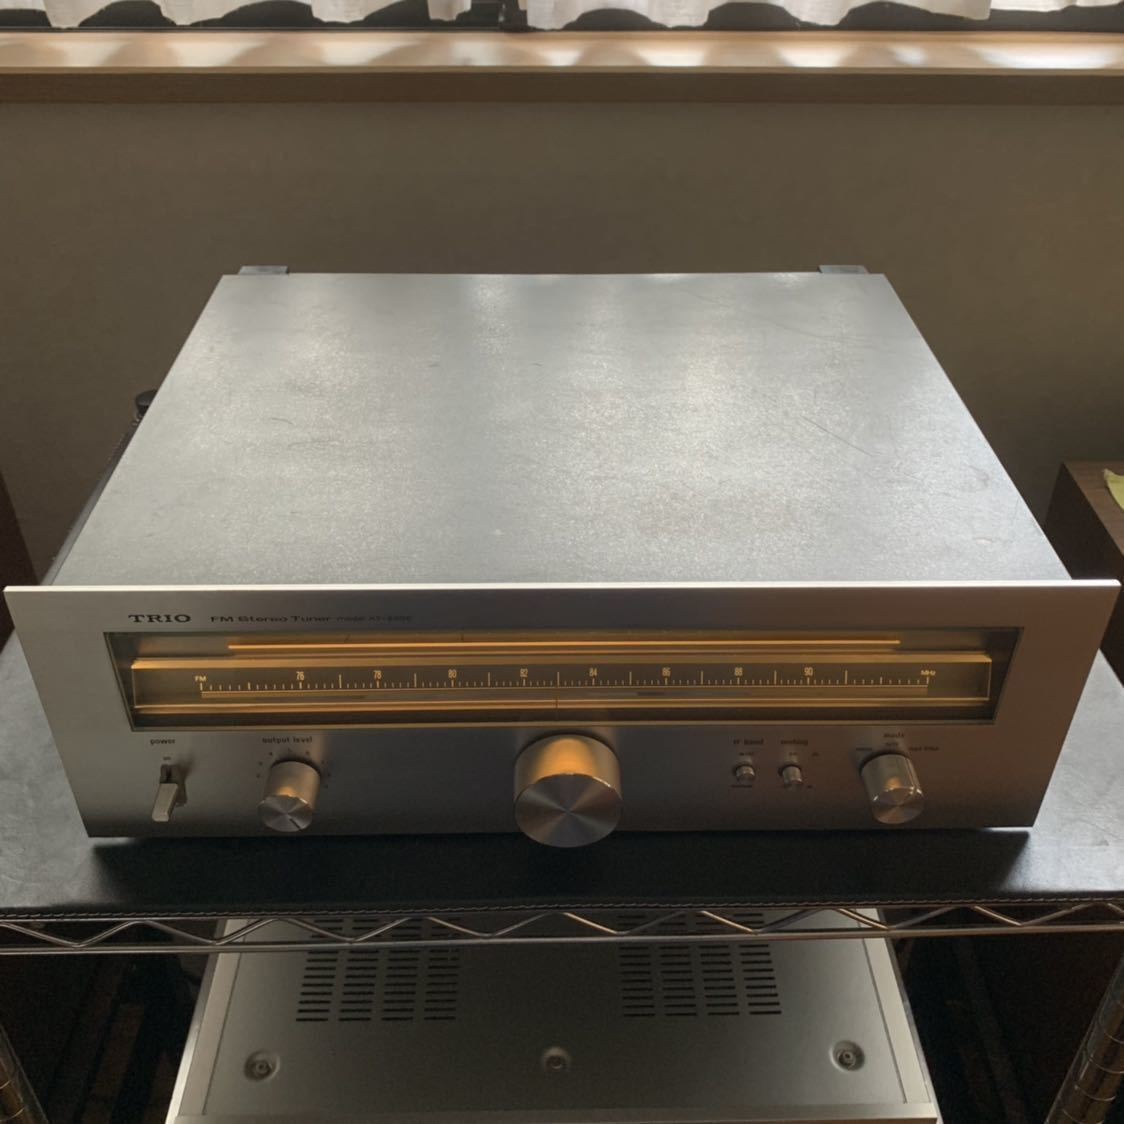 受信感度良好 TRIO トリオ FM 専用 チューナー KT-8000 電源スイッチのみ不良 その他 完動確認_画像7